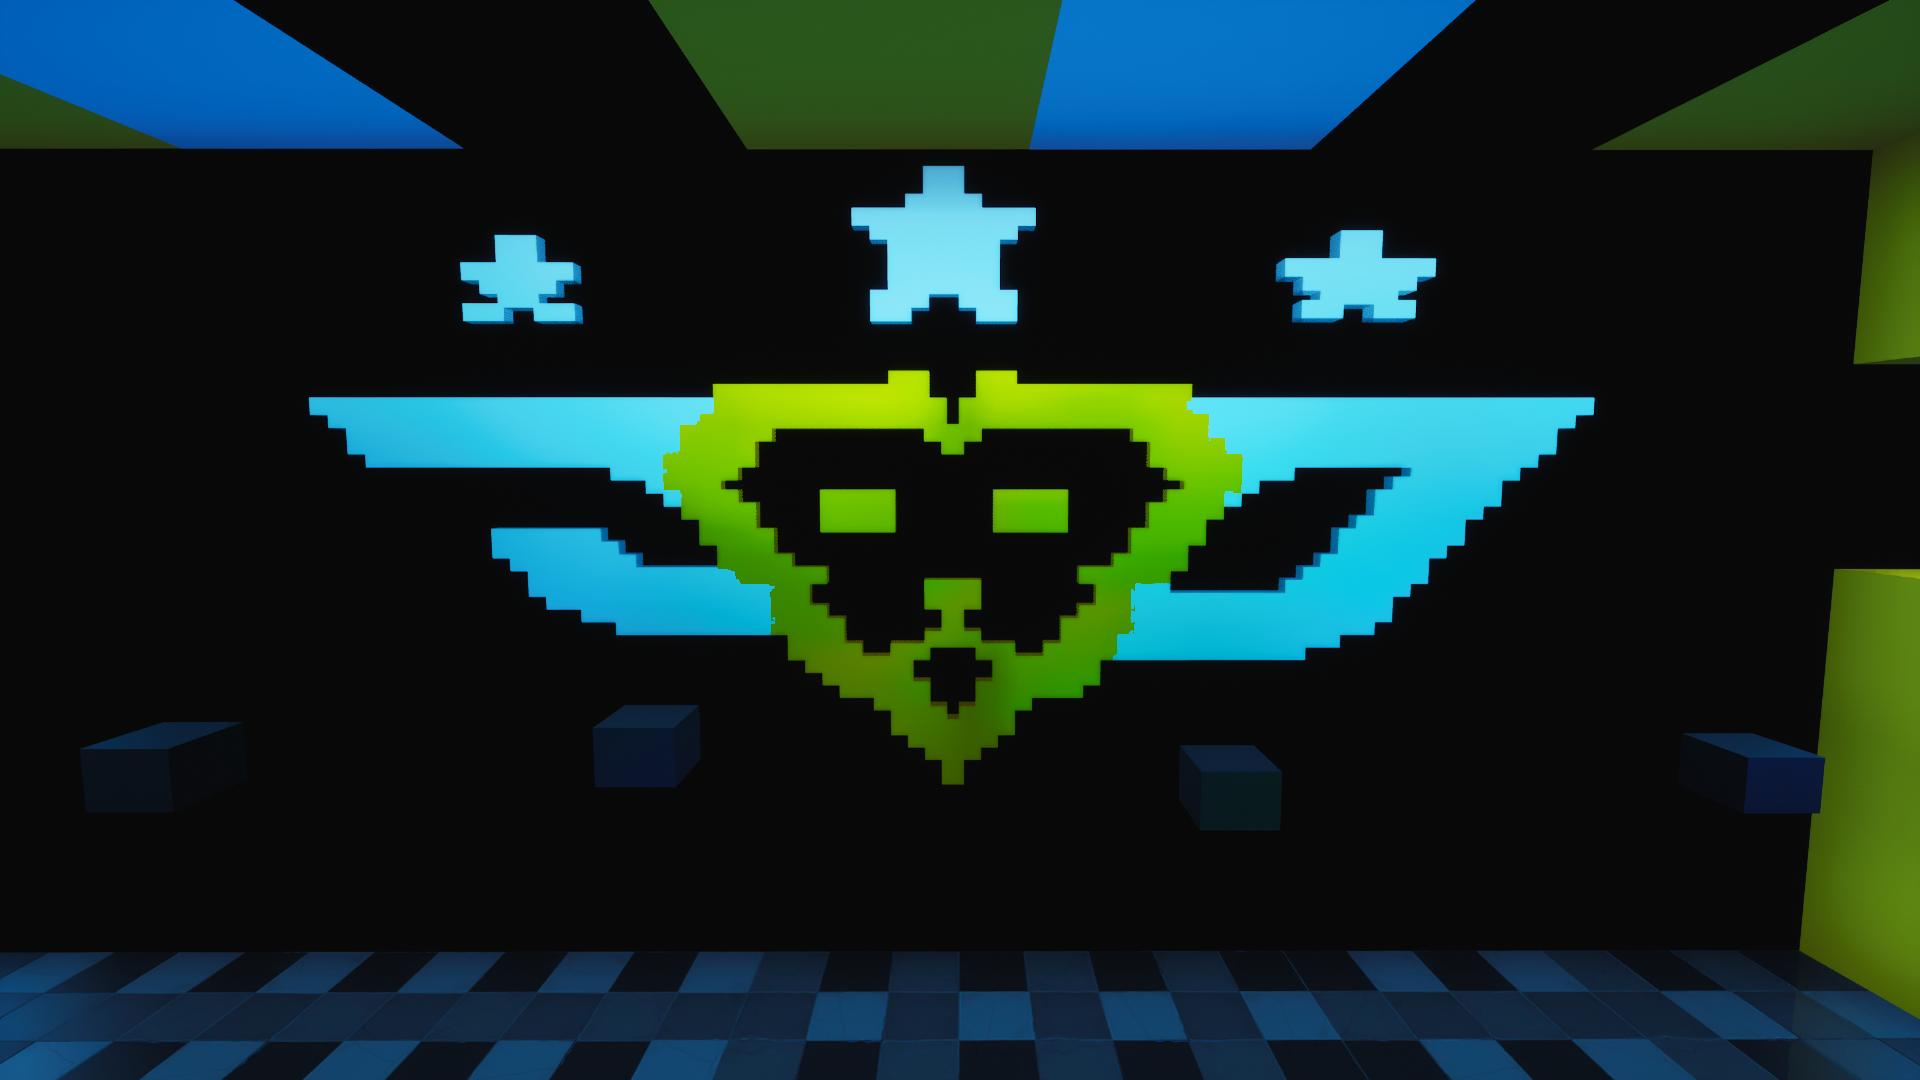 CourageJD Pixel Art Logo